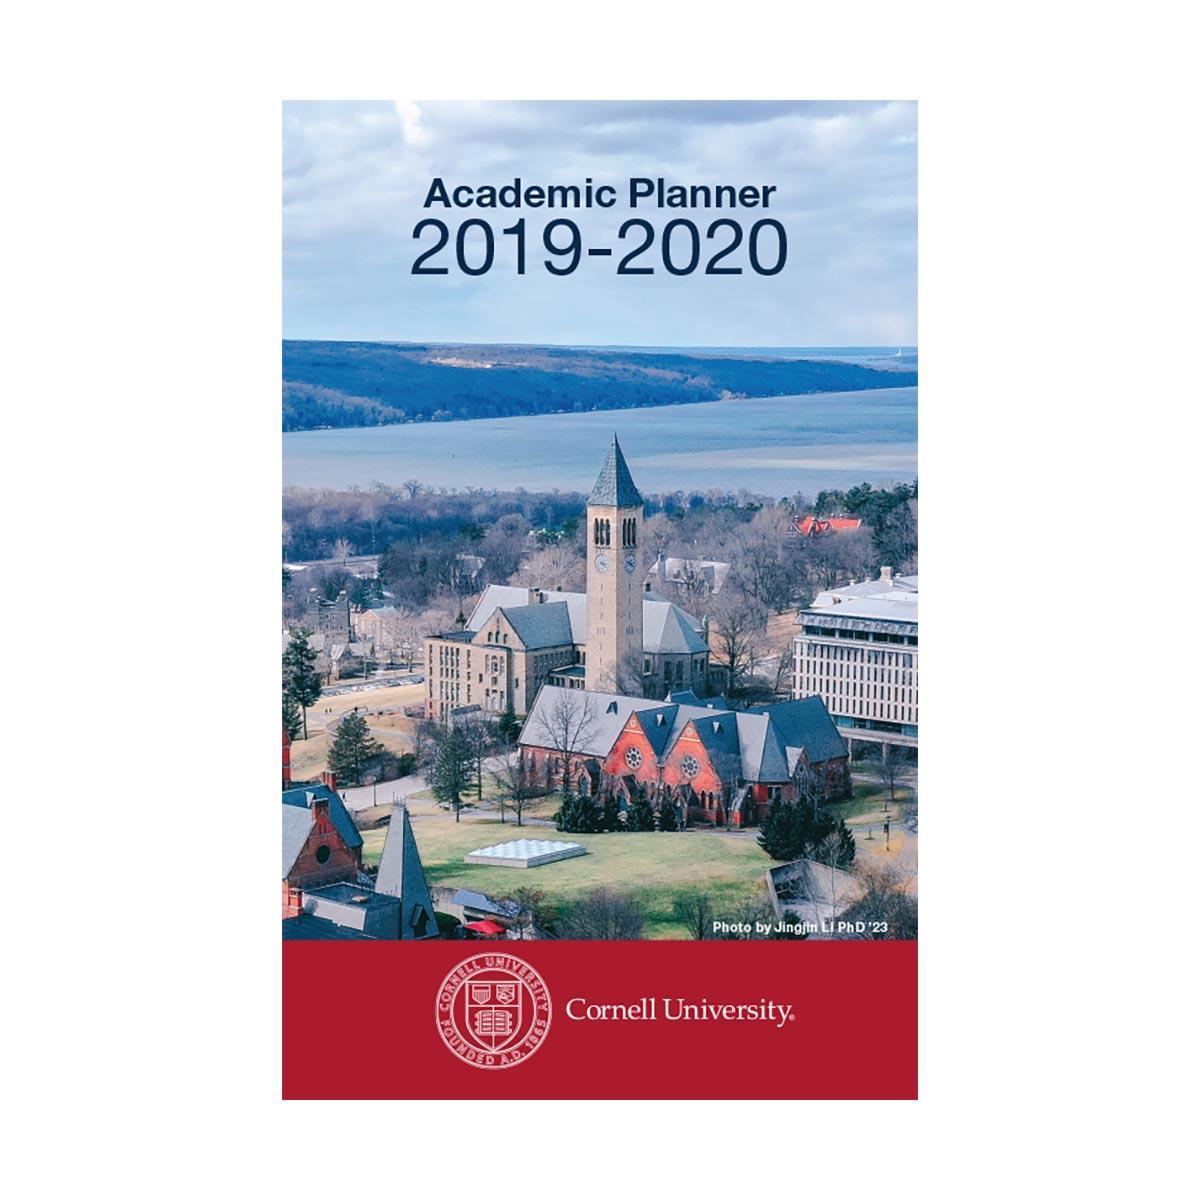 Cornell Spring 2020 Calendar.2019 2020 Academic Planner